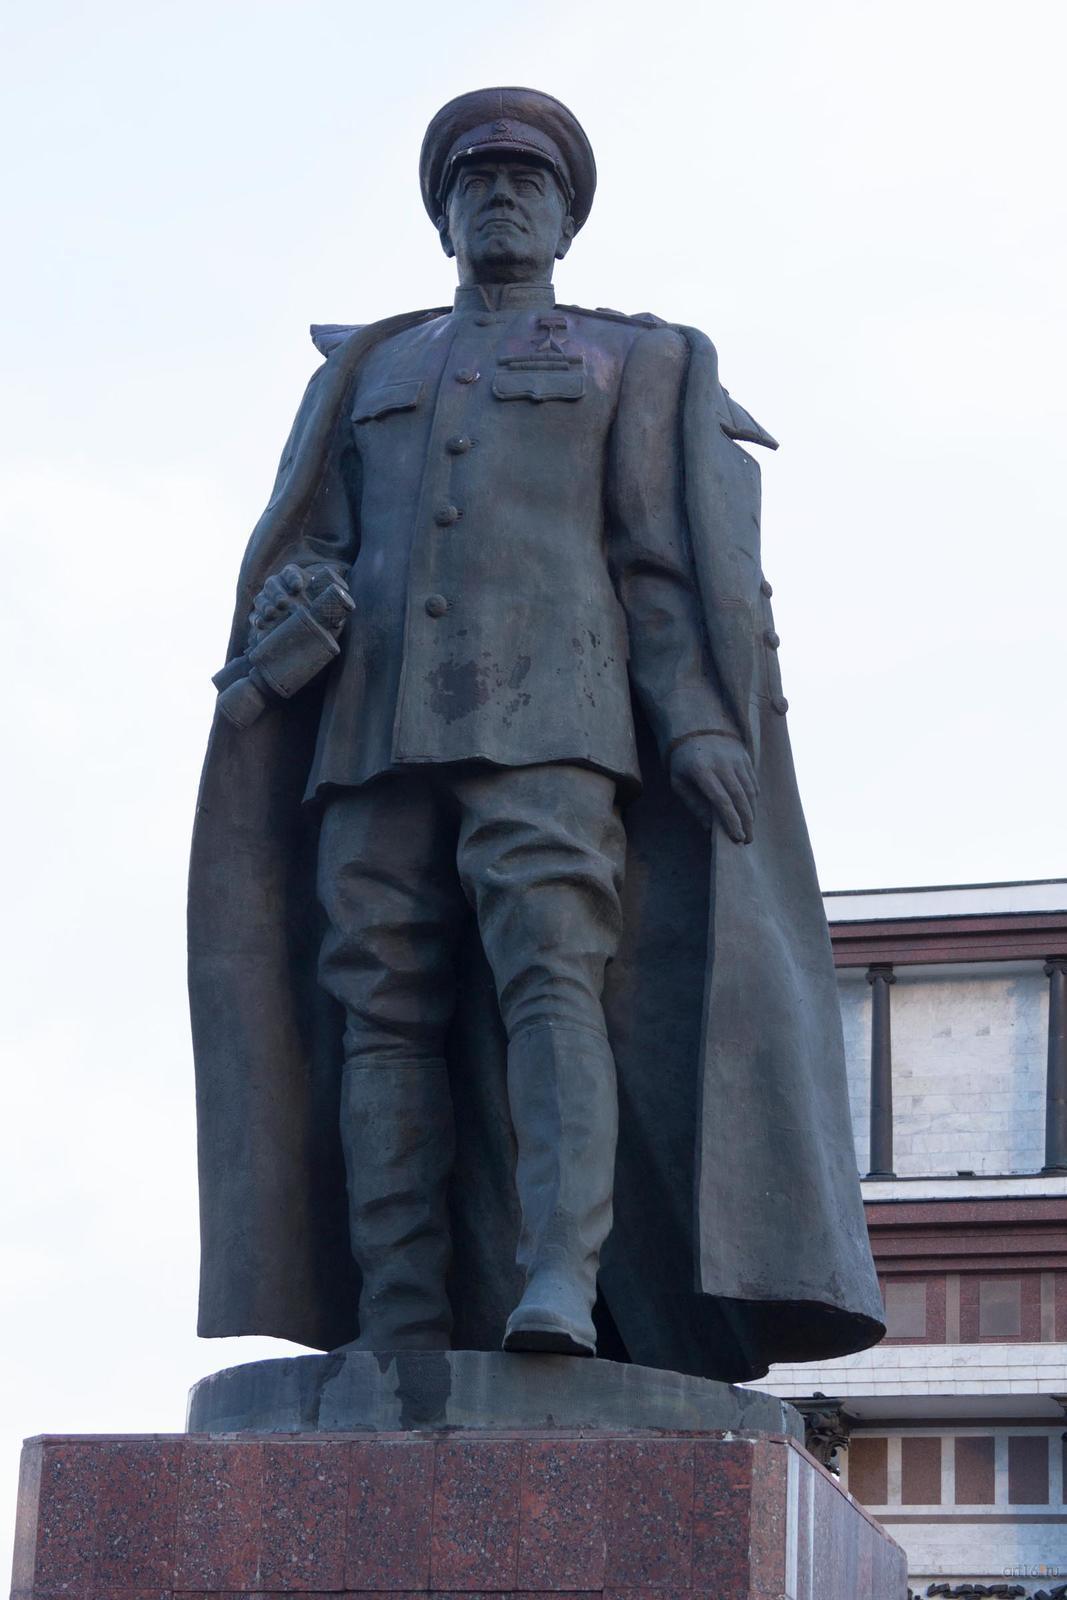 Фото №828891. Бронзовый памятник Г.К.Жукову возле триумфальной арки, г. Курск